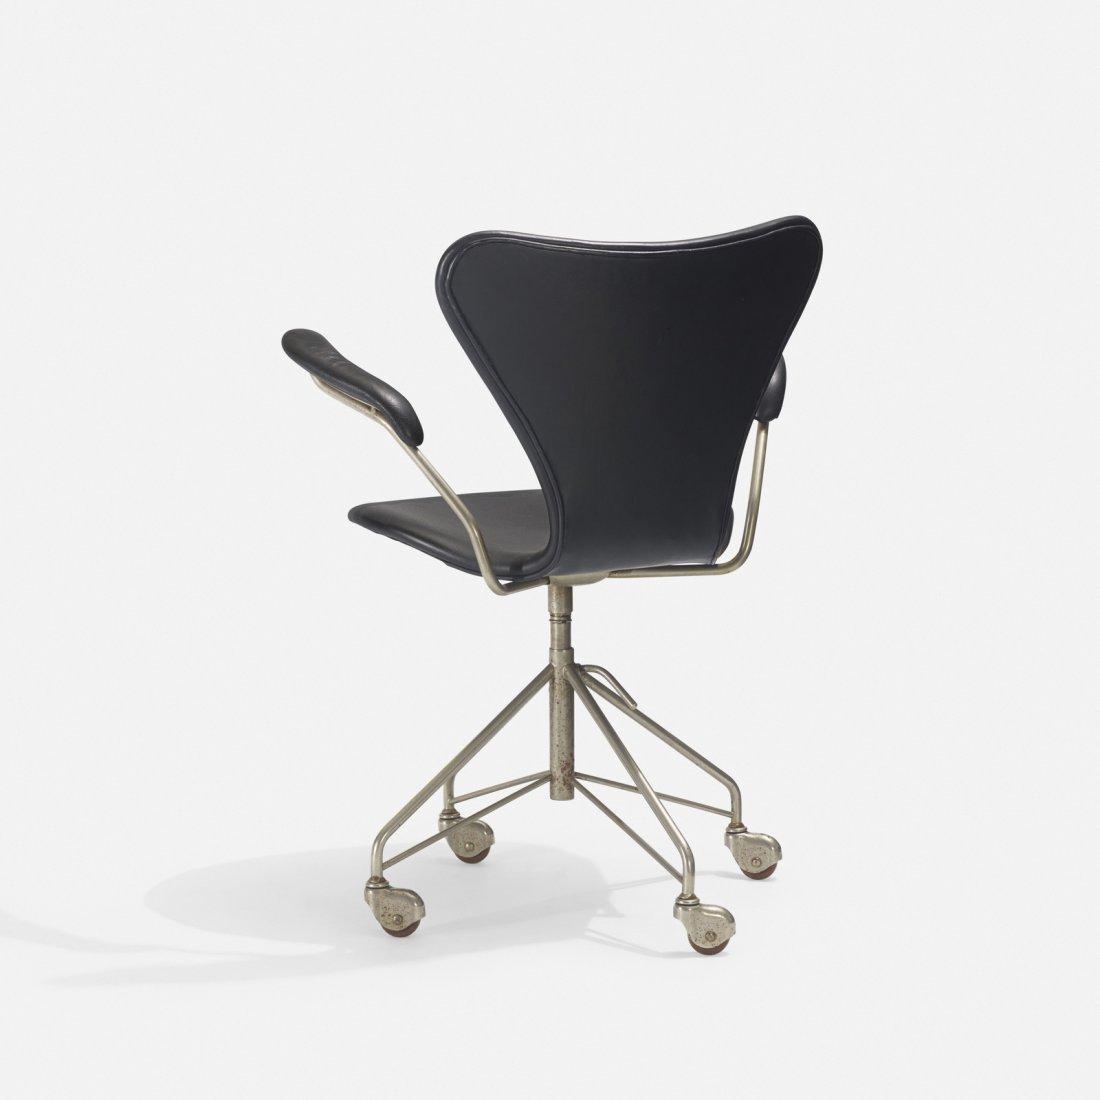 Arne Jacobsen, Sevener desk chair, model 3117 - 3